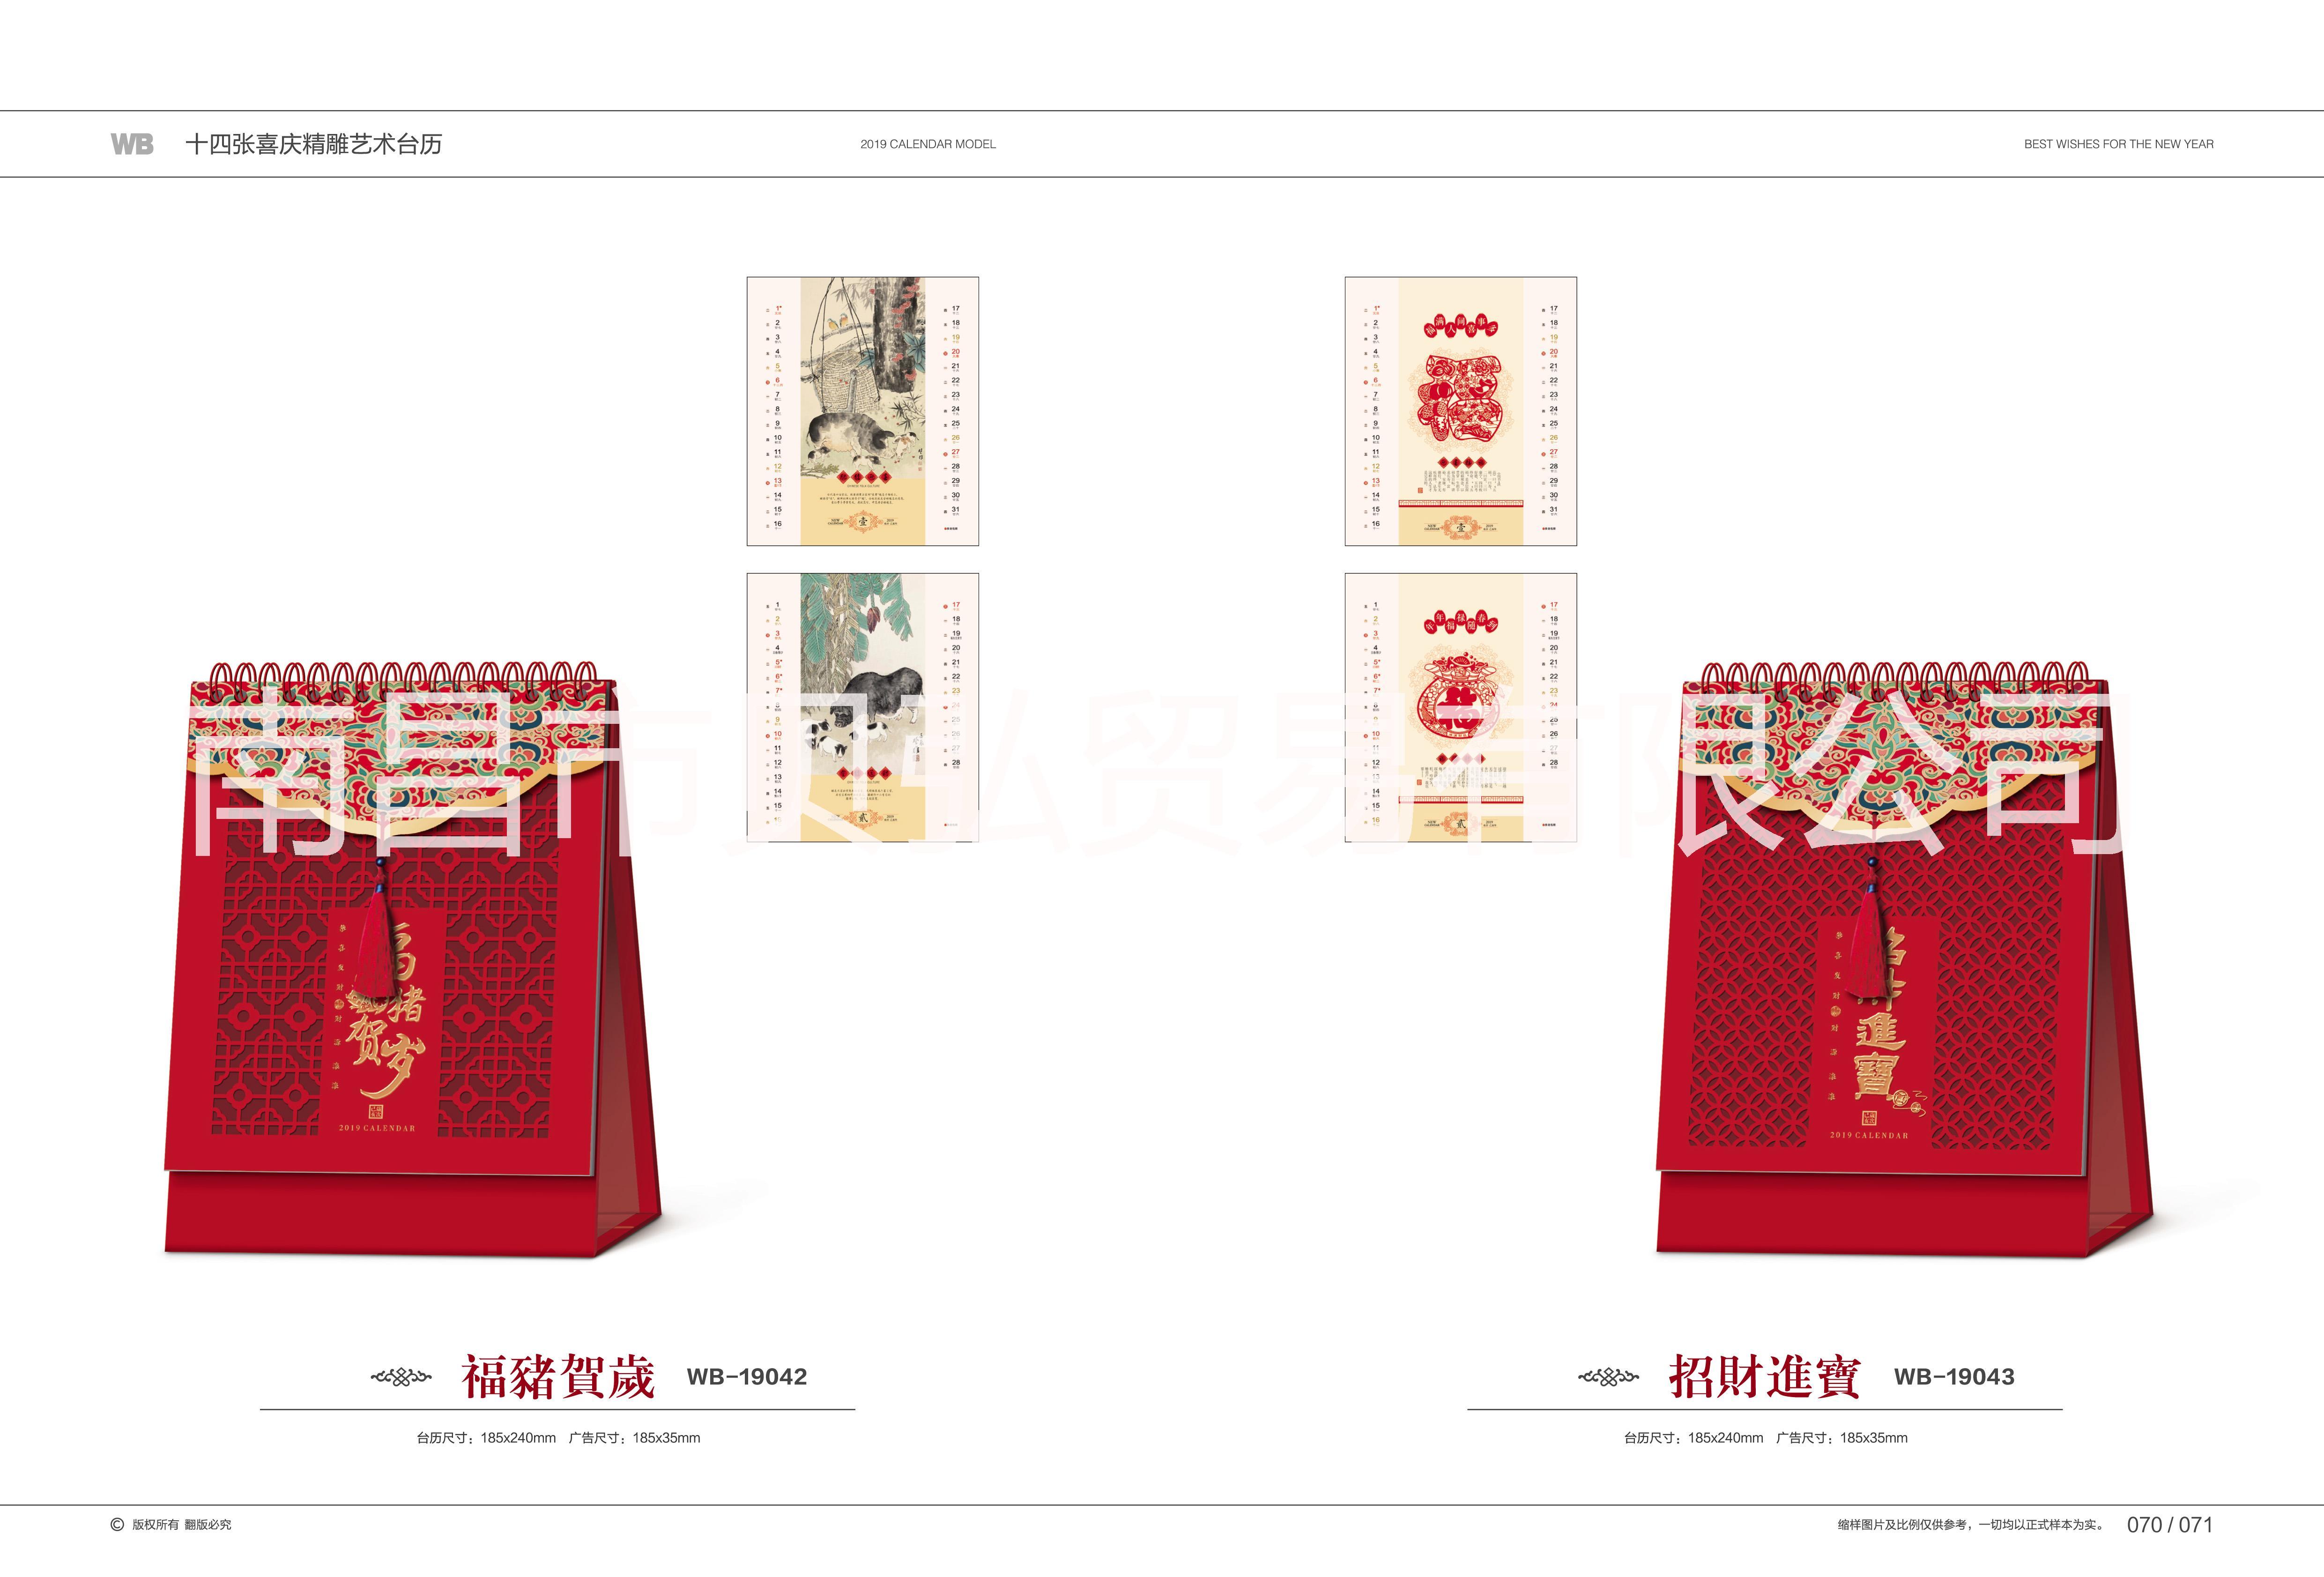 吉安台历定制、挂历印刷厂家专业定制logo专业快速3-5天出货